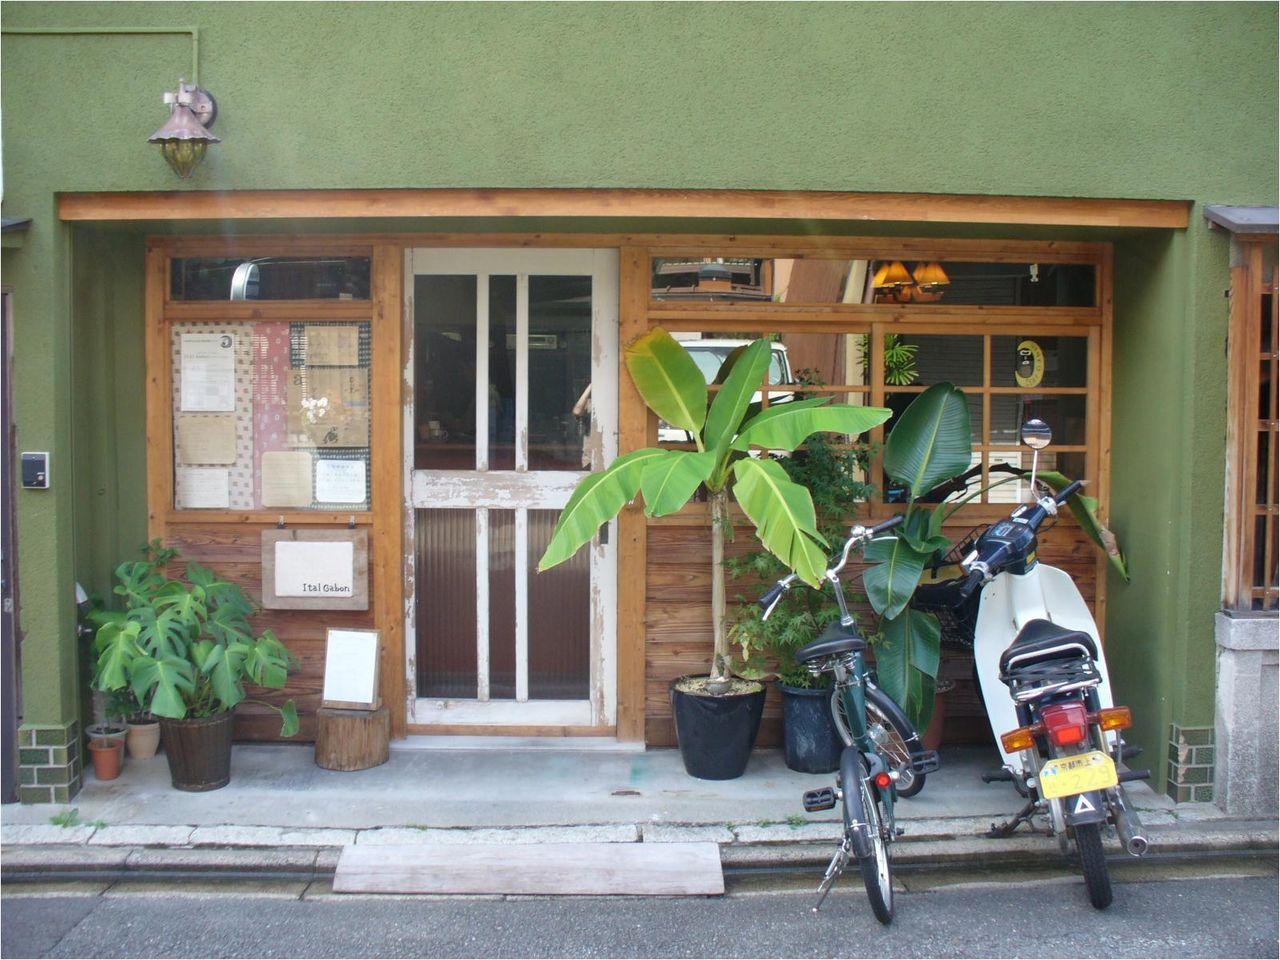 ... 道案内 - livedoor Blog(ブログ